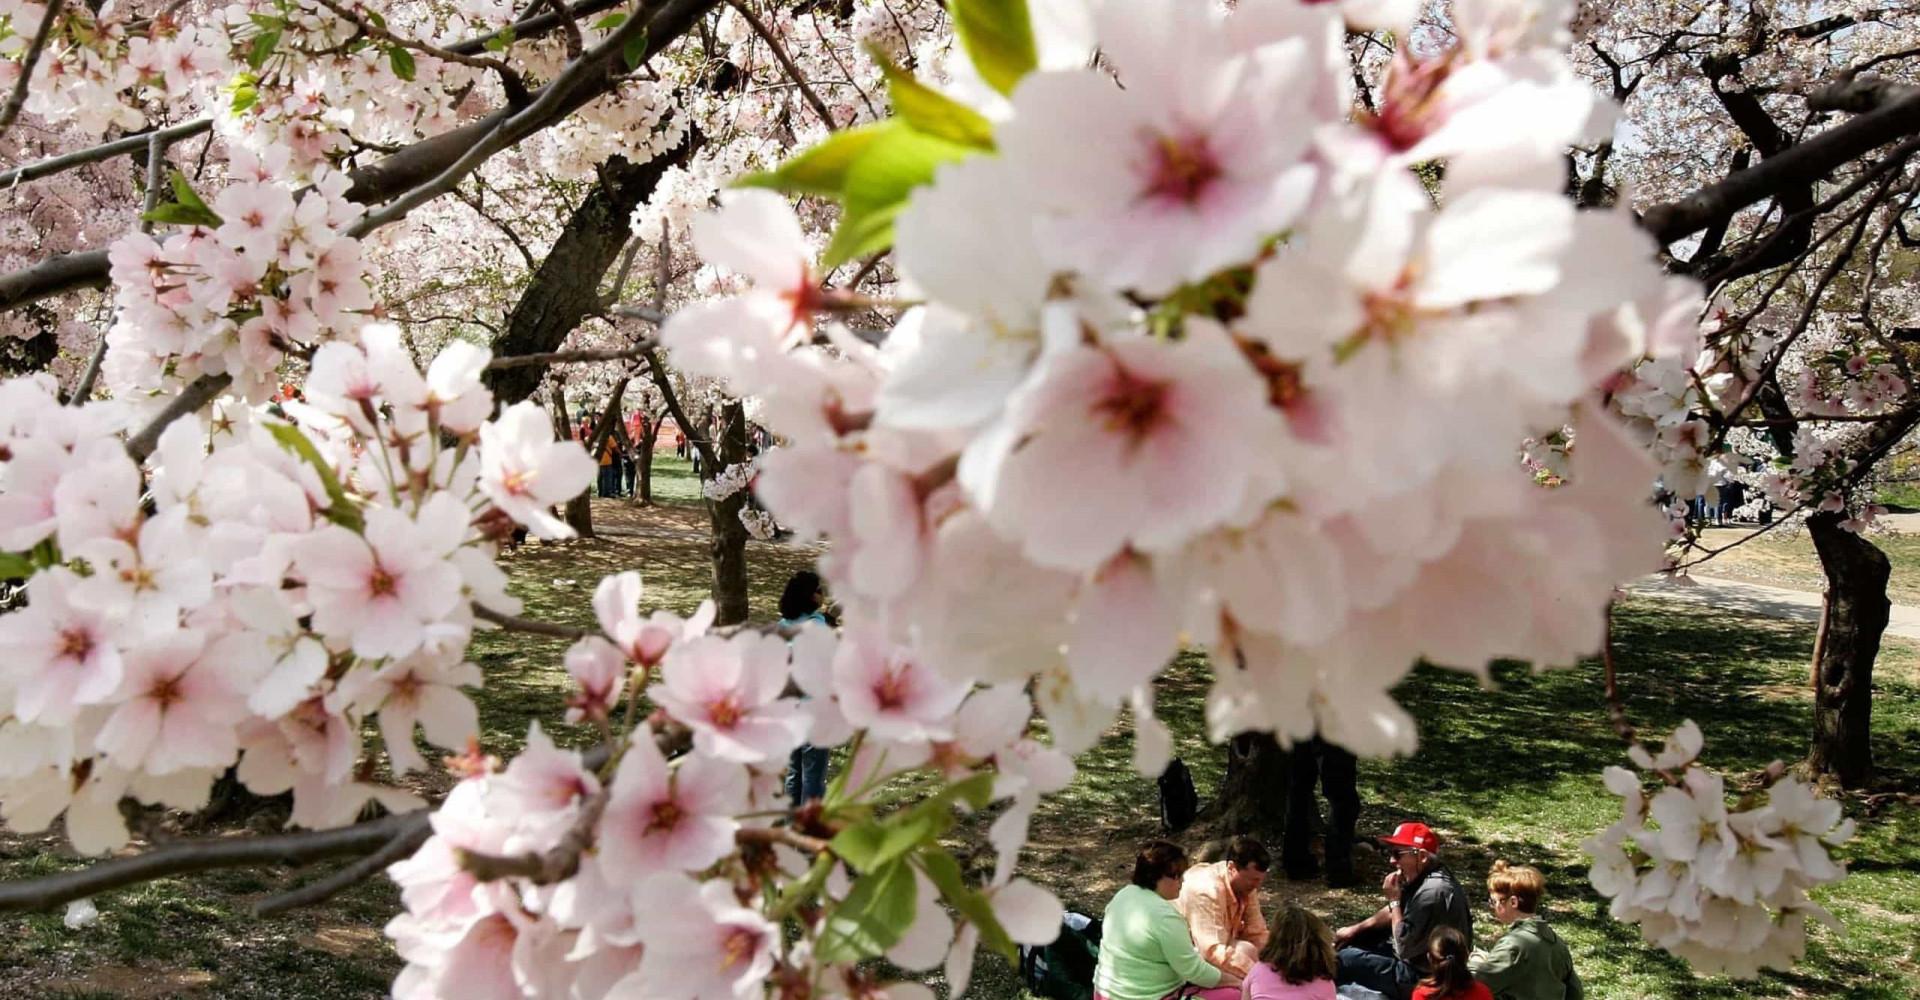 전세계의 아름다운 봄풍경 속으로!